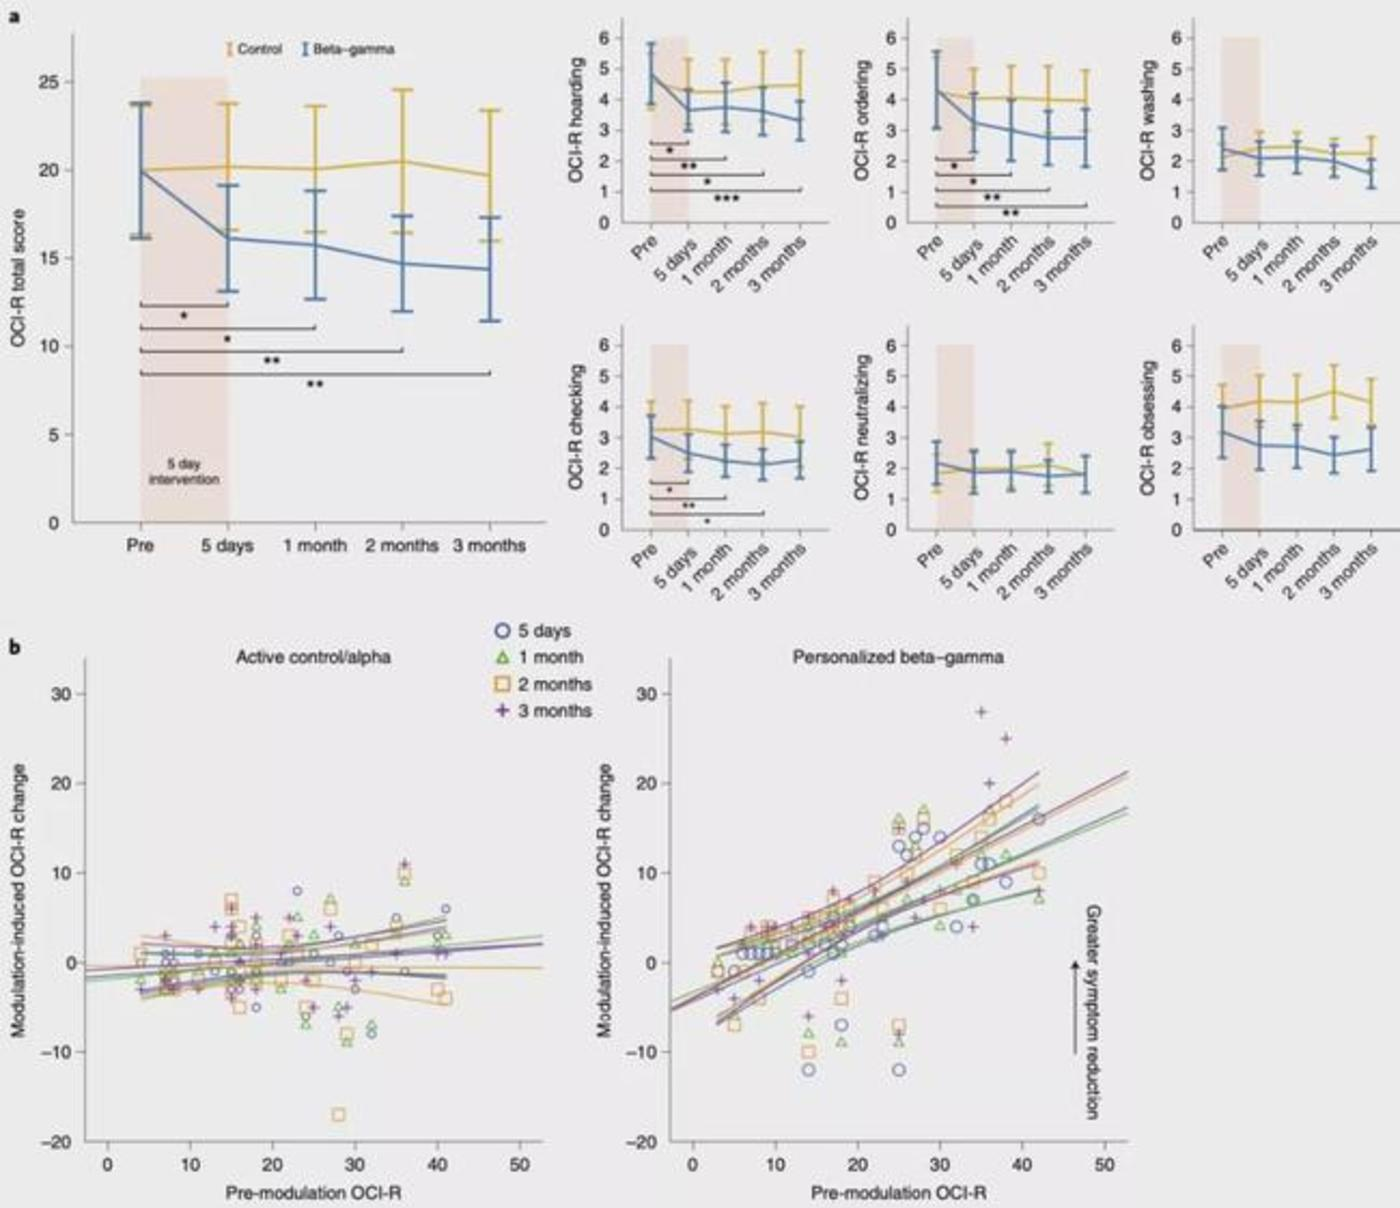 图|HD-tACS 治疗后强迫症的变化情况(来源:Nature Medicine)